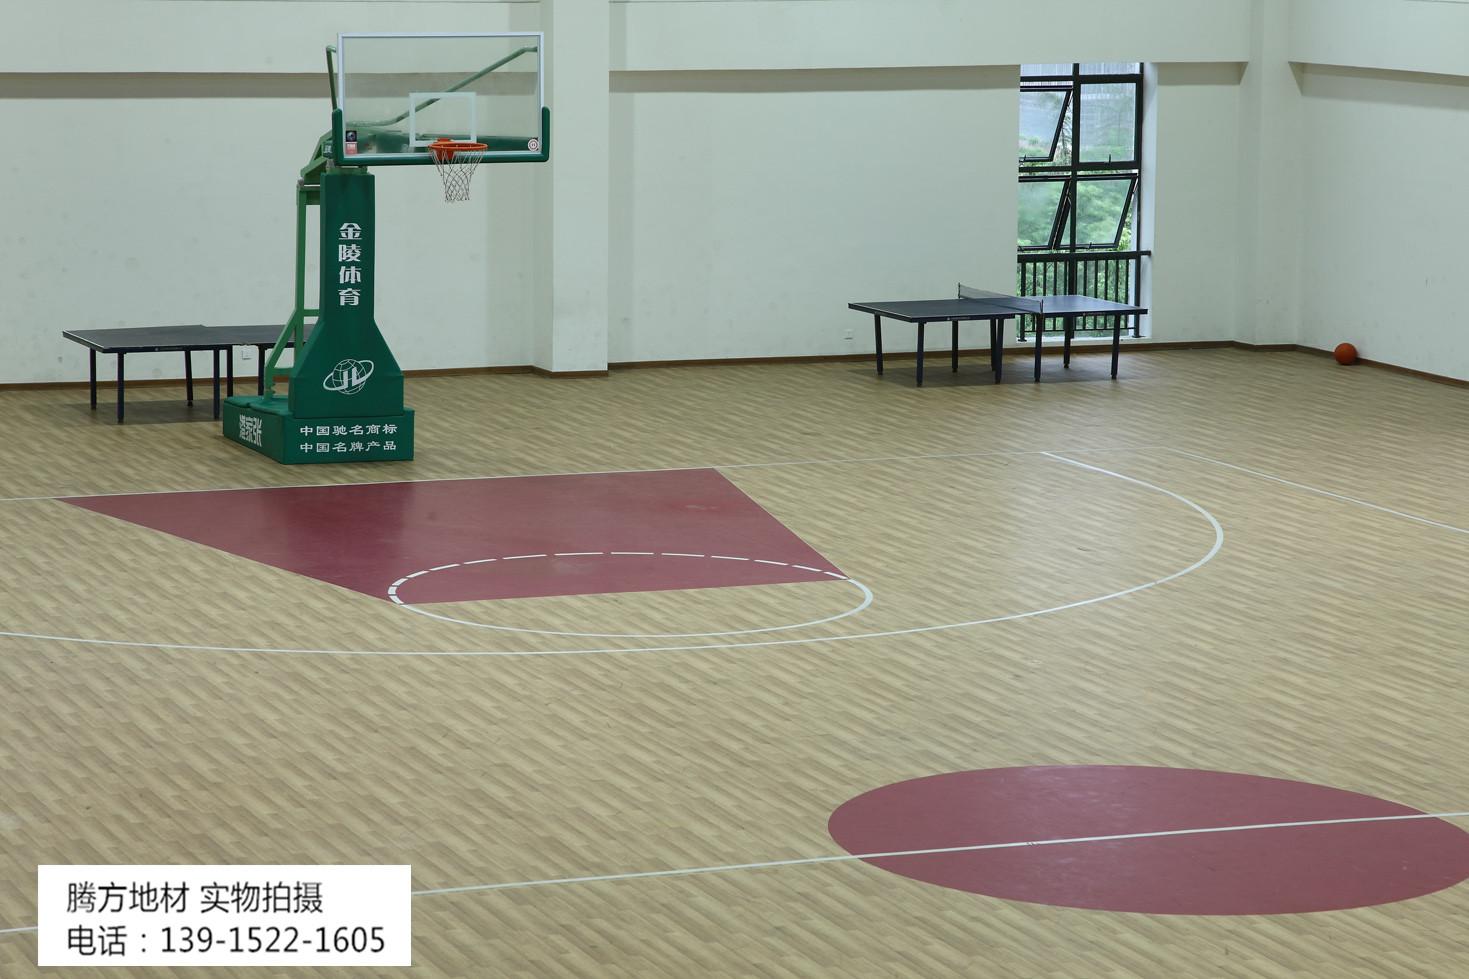 室内篮球场选择低碳环保篮球场pvc运动地板